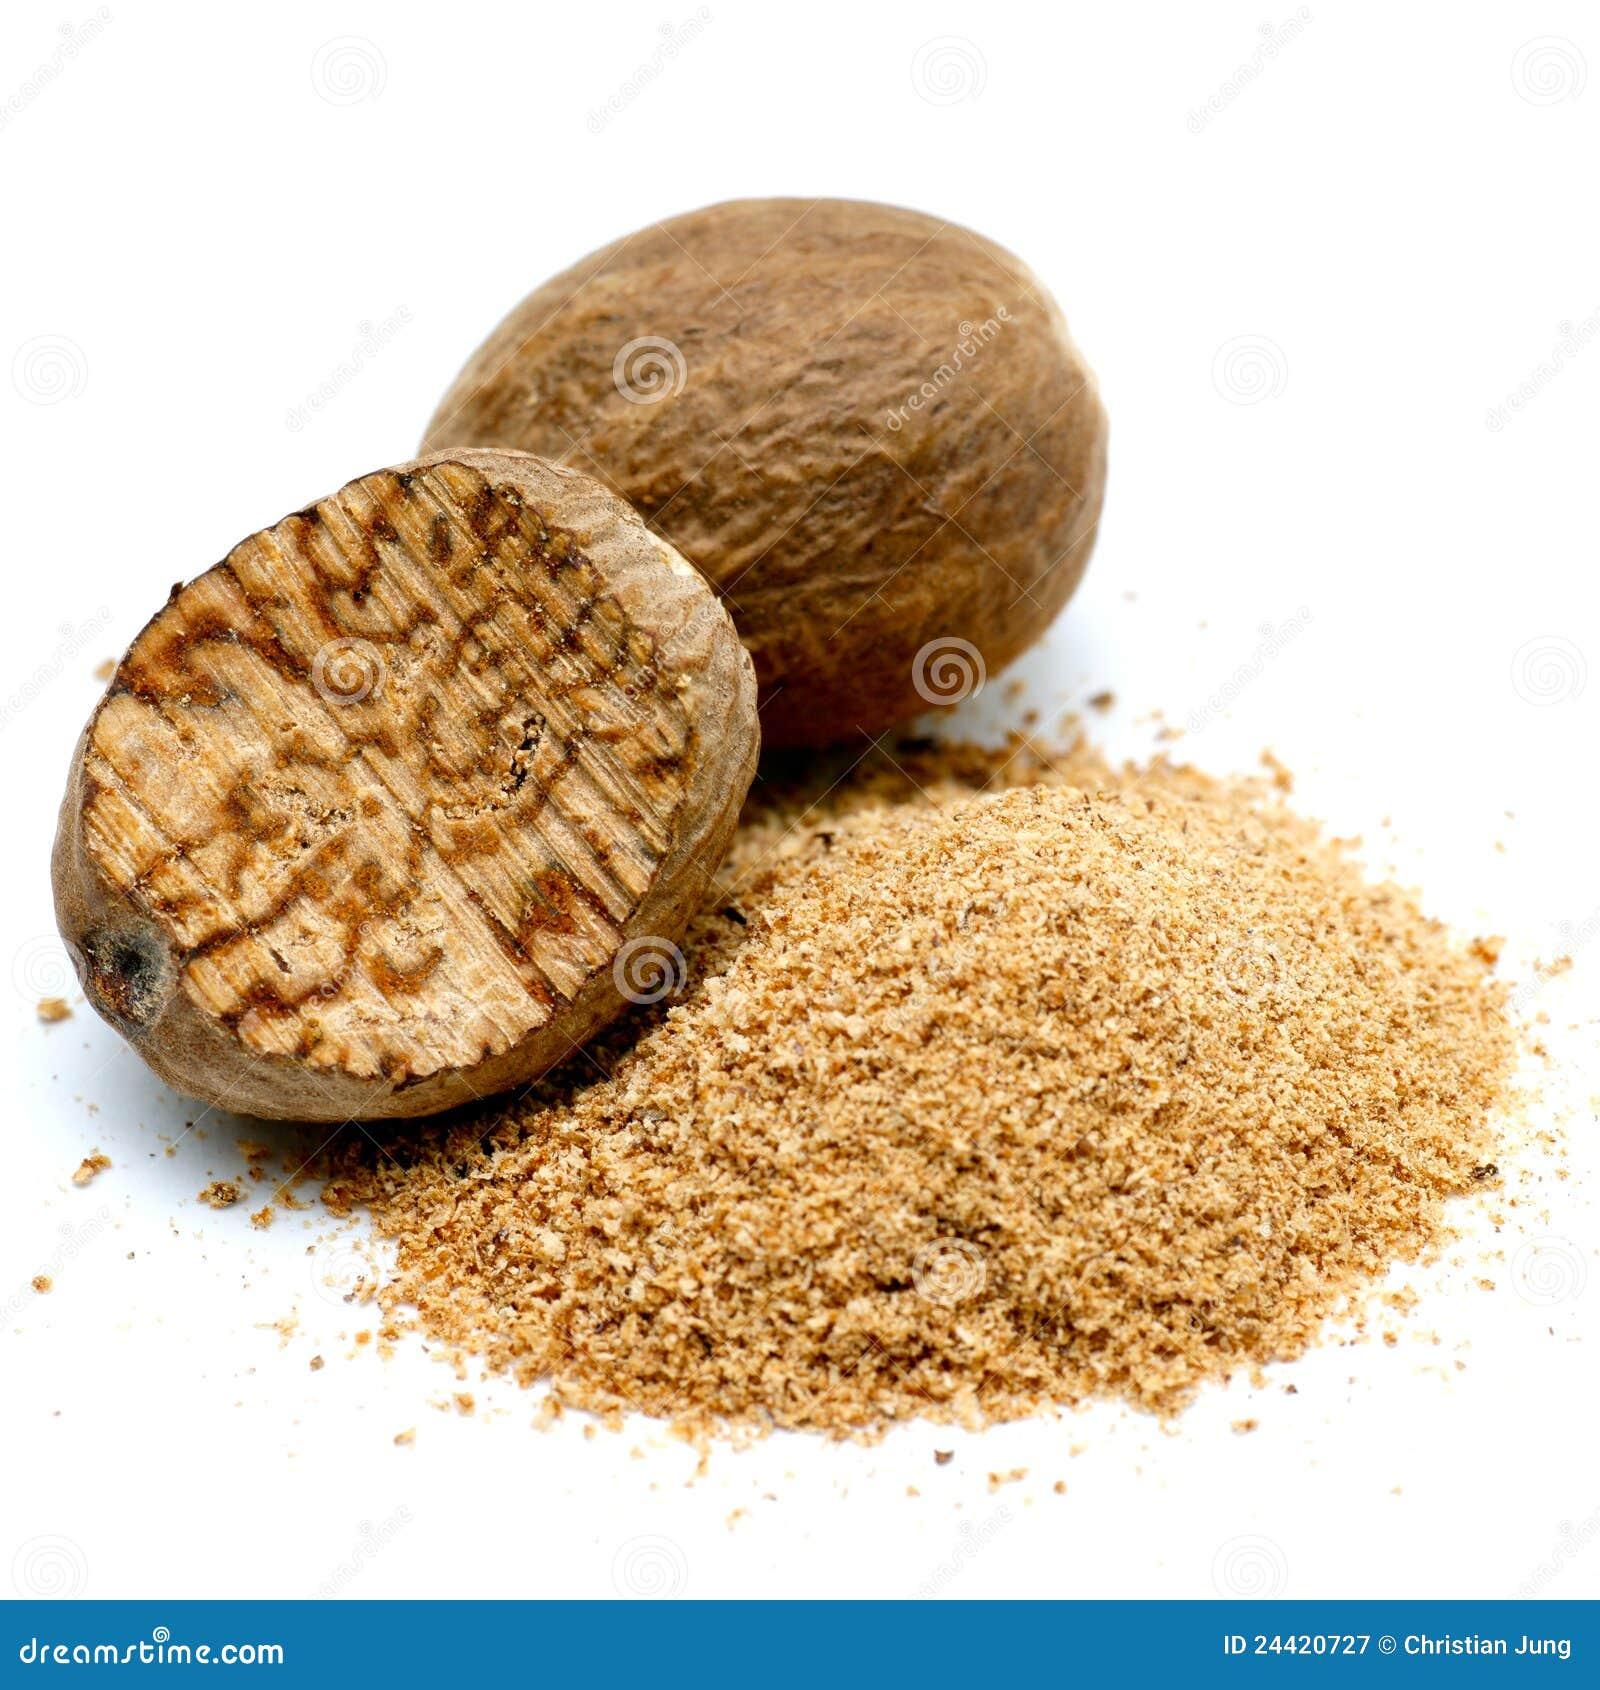 Nutmeg Royalty Free Stock Photography - Image: 24420727